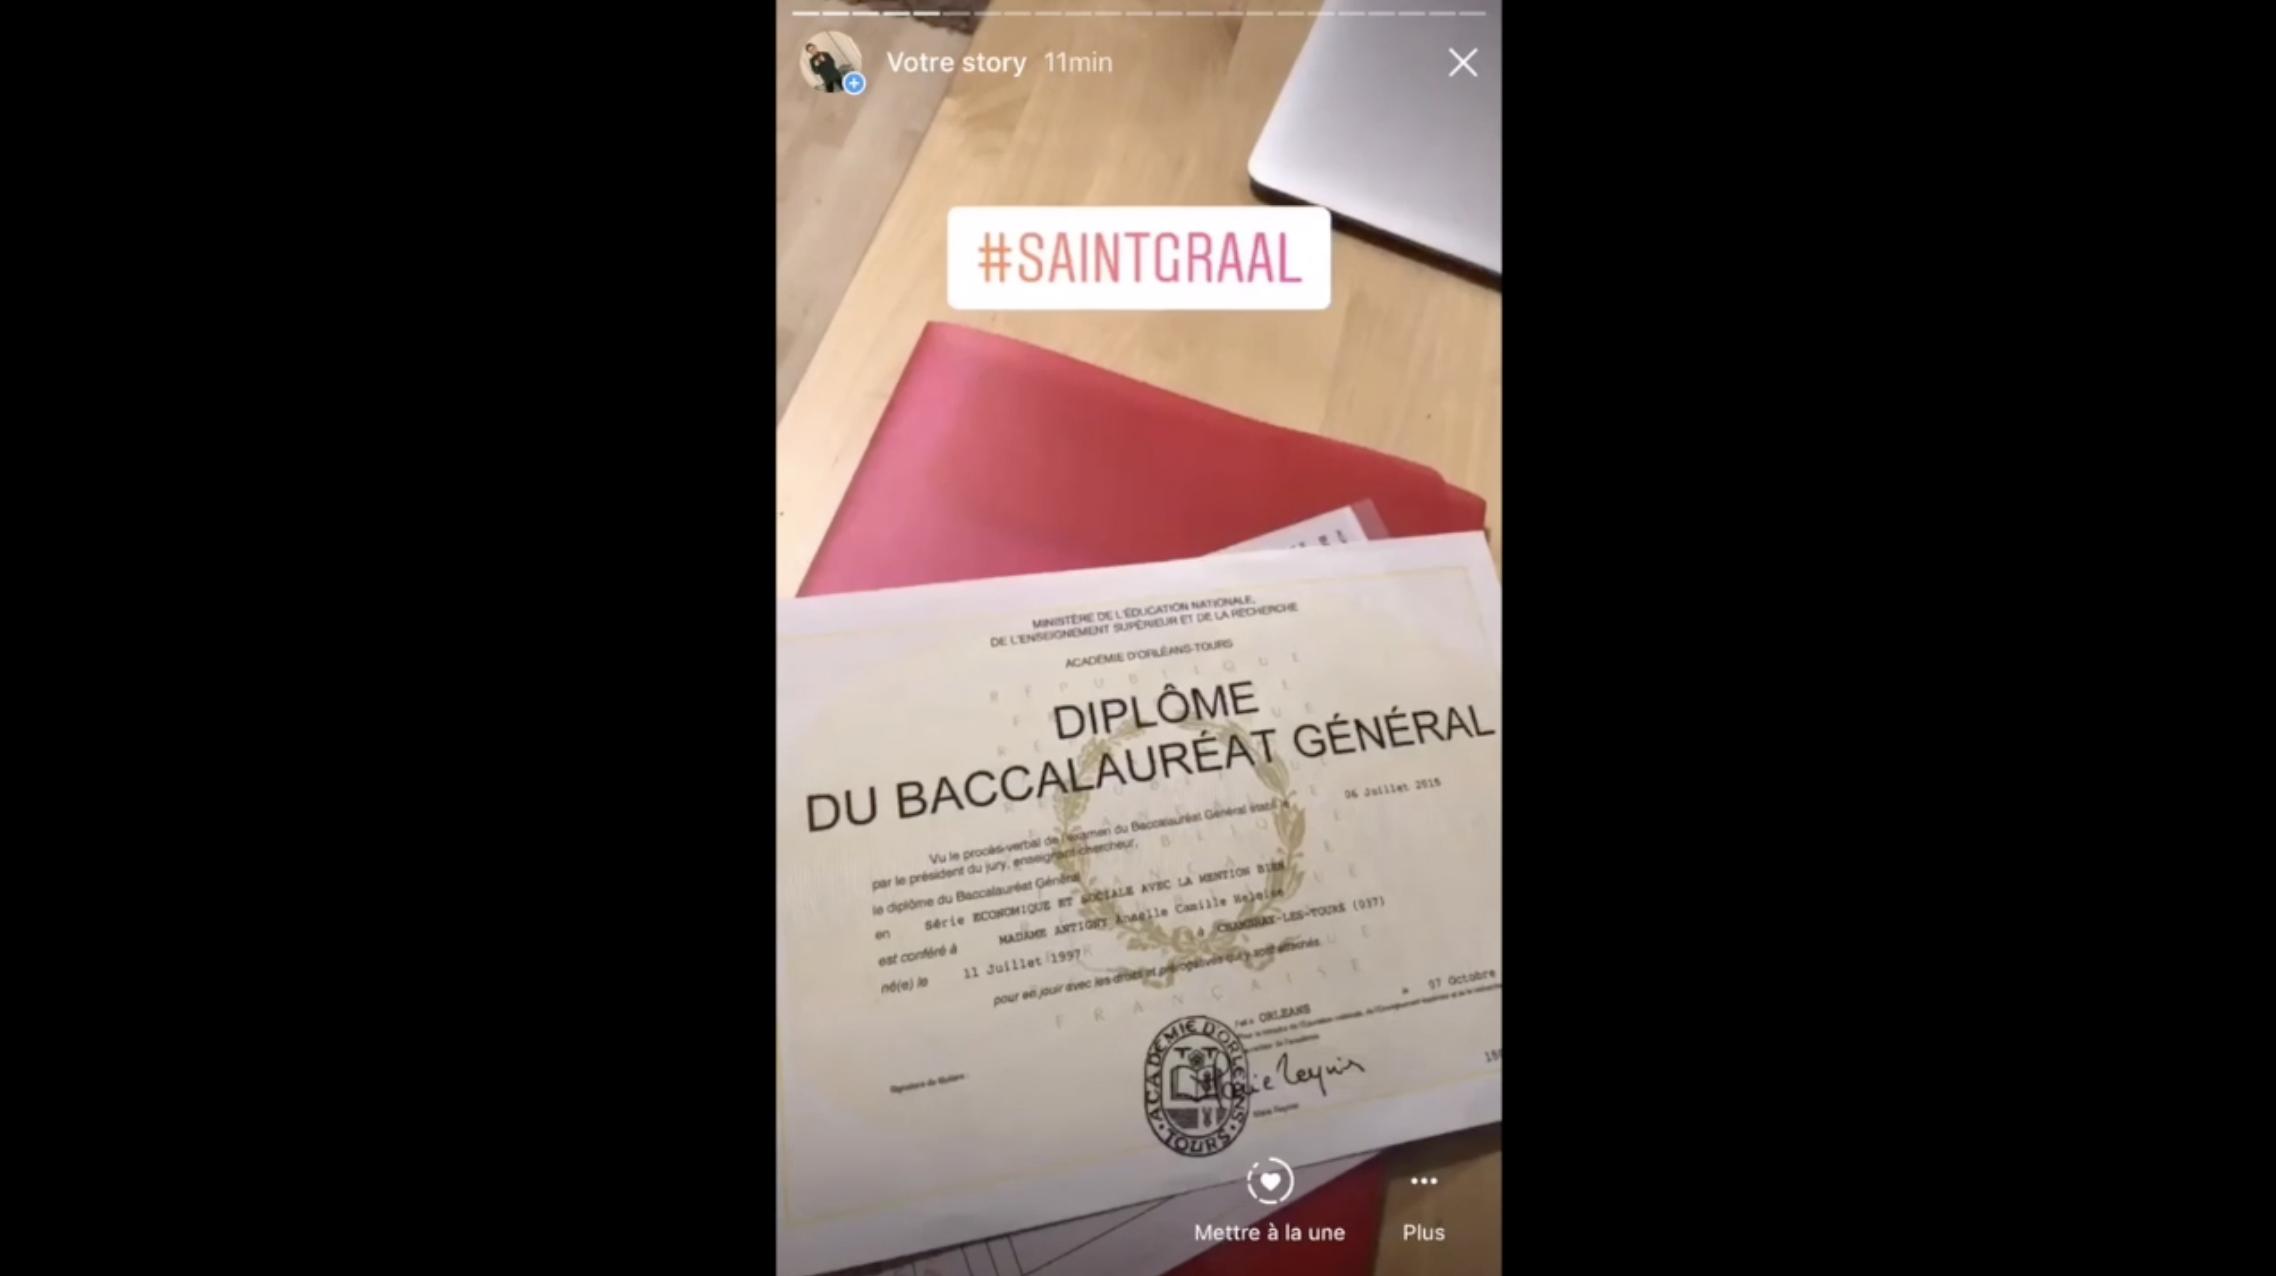 Mieux qu'un CV papier... elle présente son CV sur Instagram Stories